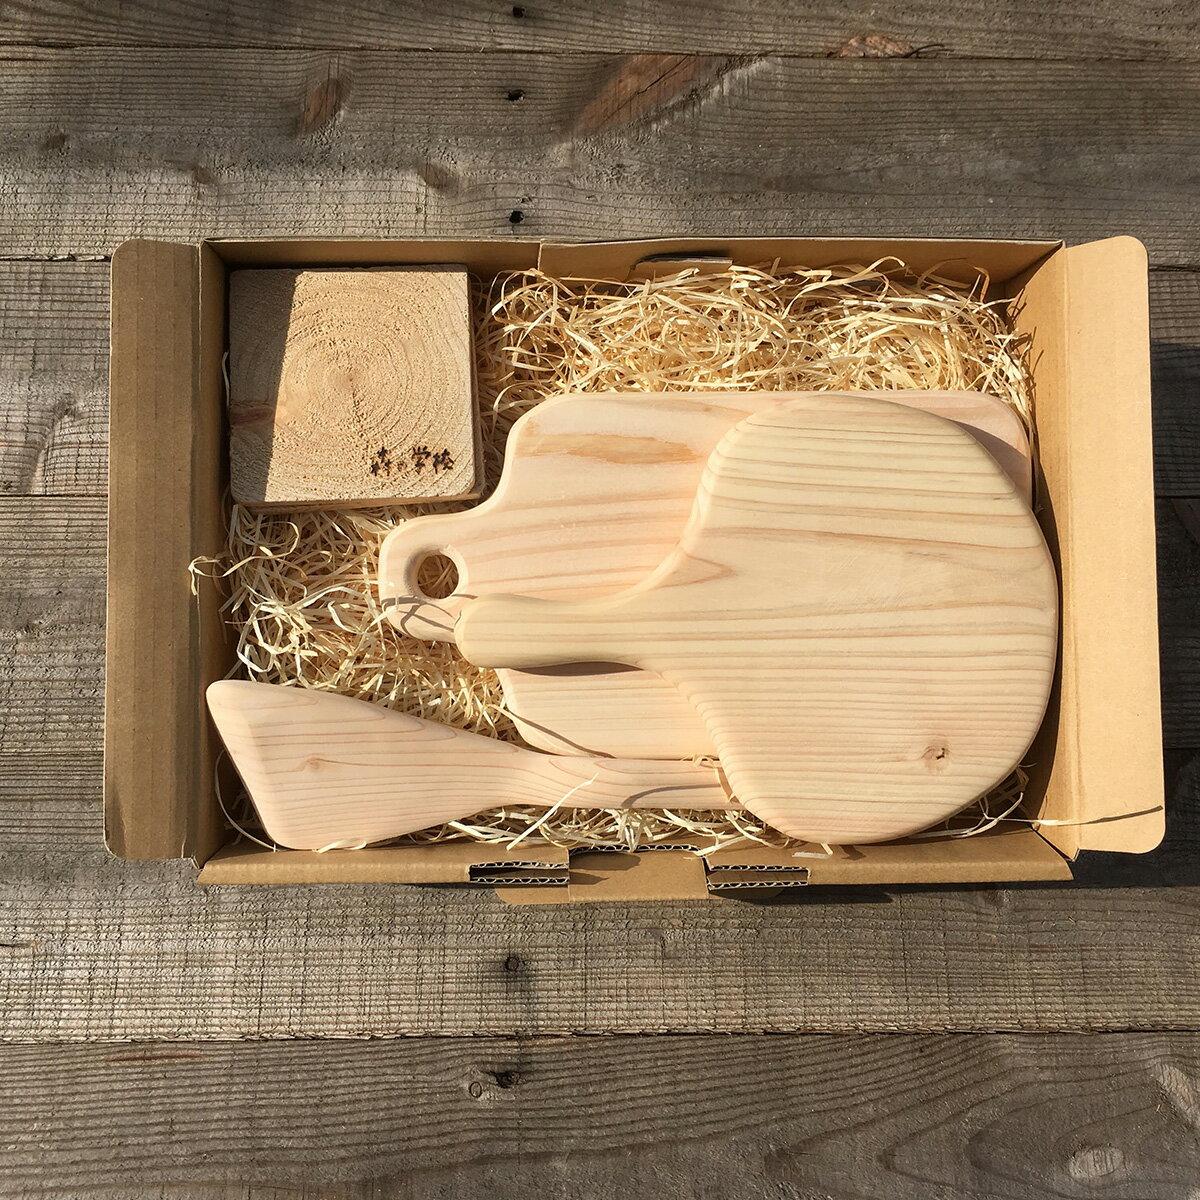 【ふるさと納税】プレゼントやアウトドアに!木工品セット